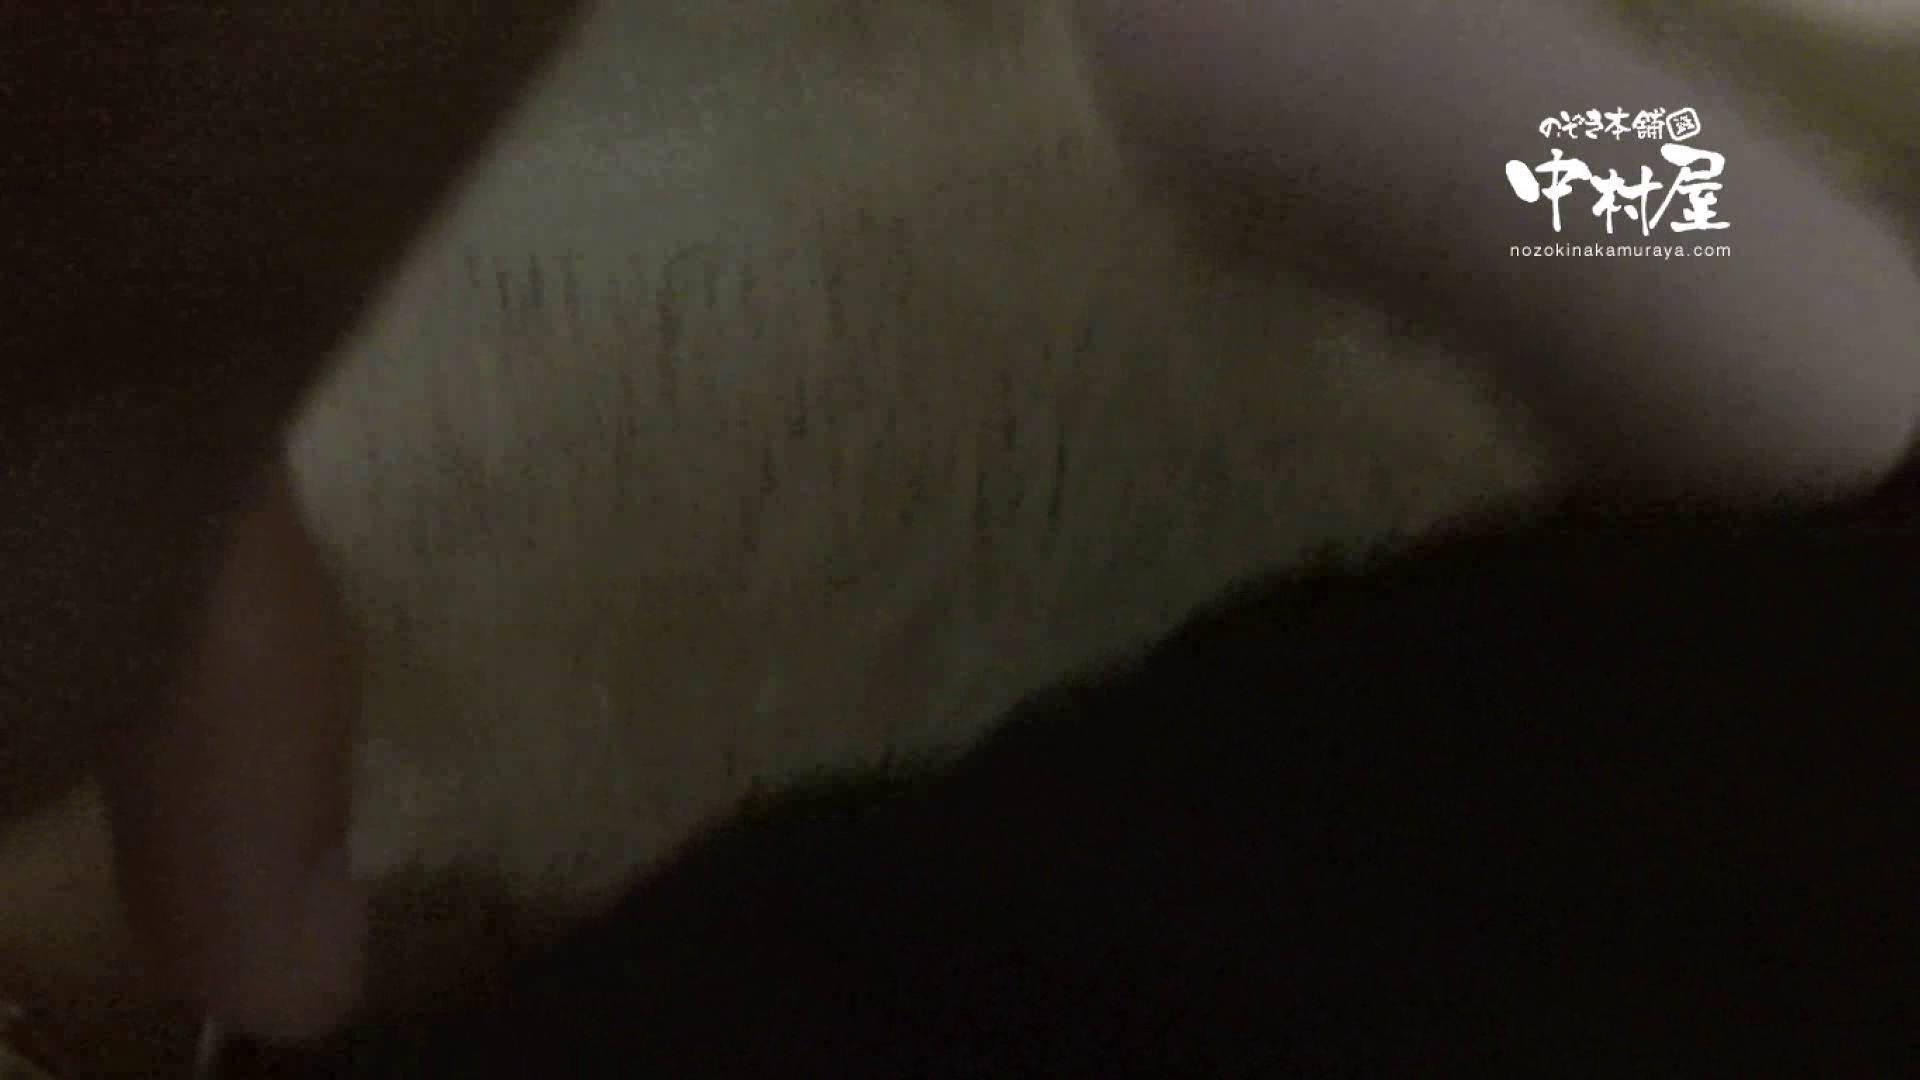 鬼畜 vol.06 中出し処刑! 前編 OLのエロ生活 AV無料動画キャプチャ 110連発 29